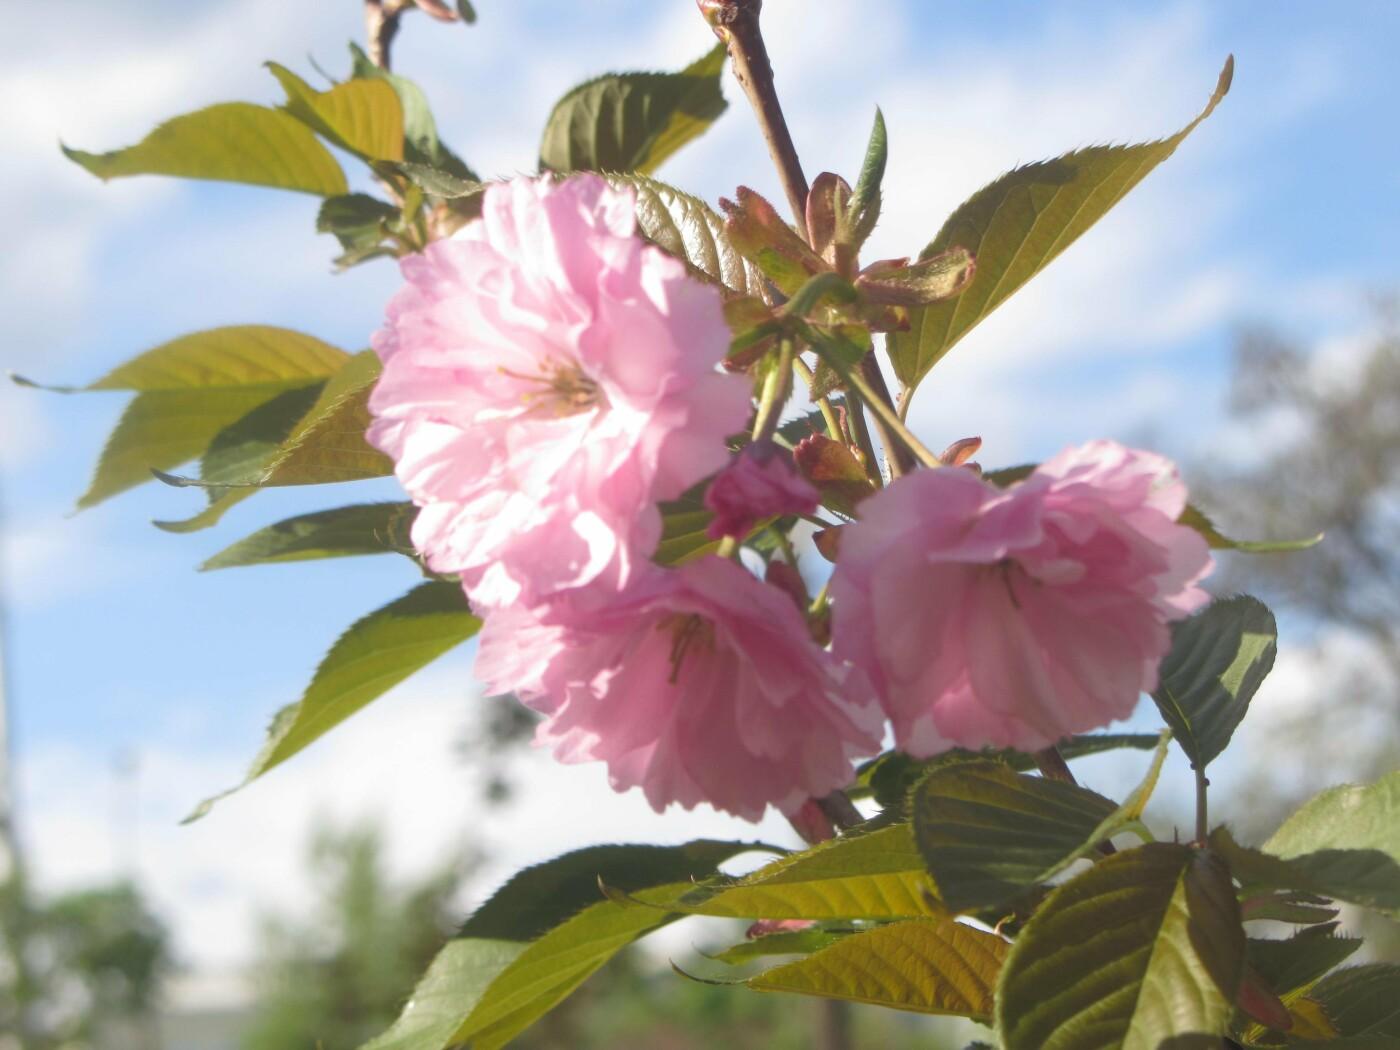 У Городского Дворца Культуры цветут сакуры, 06452.com.ua